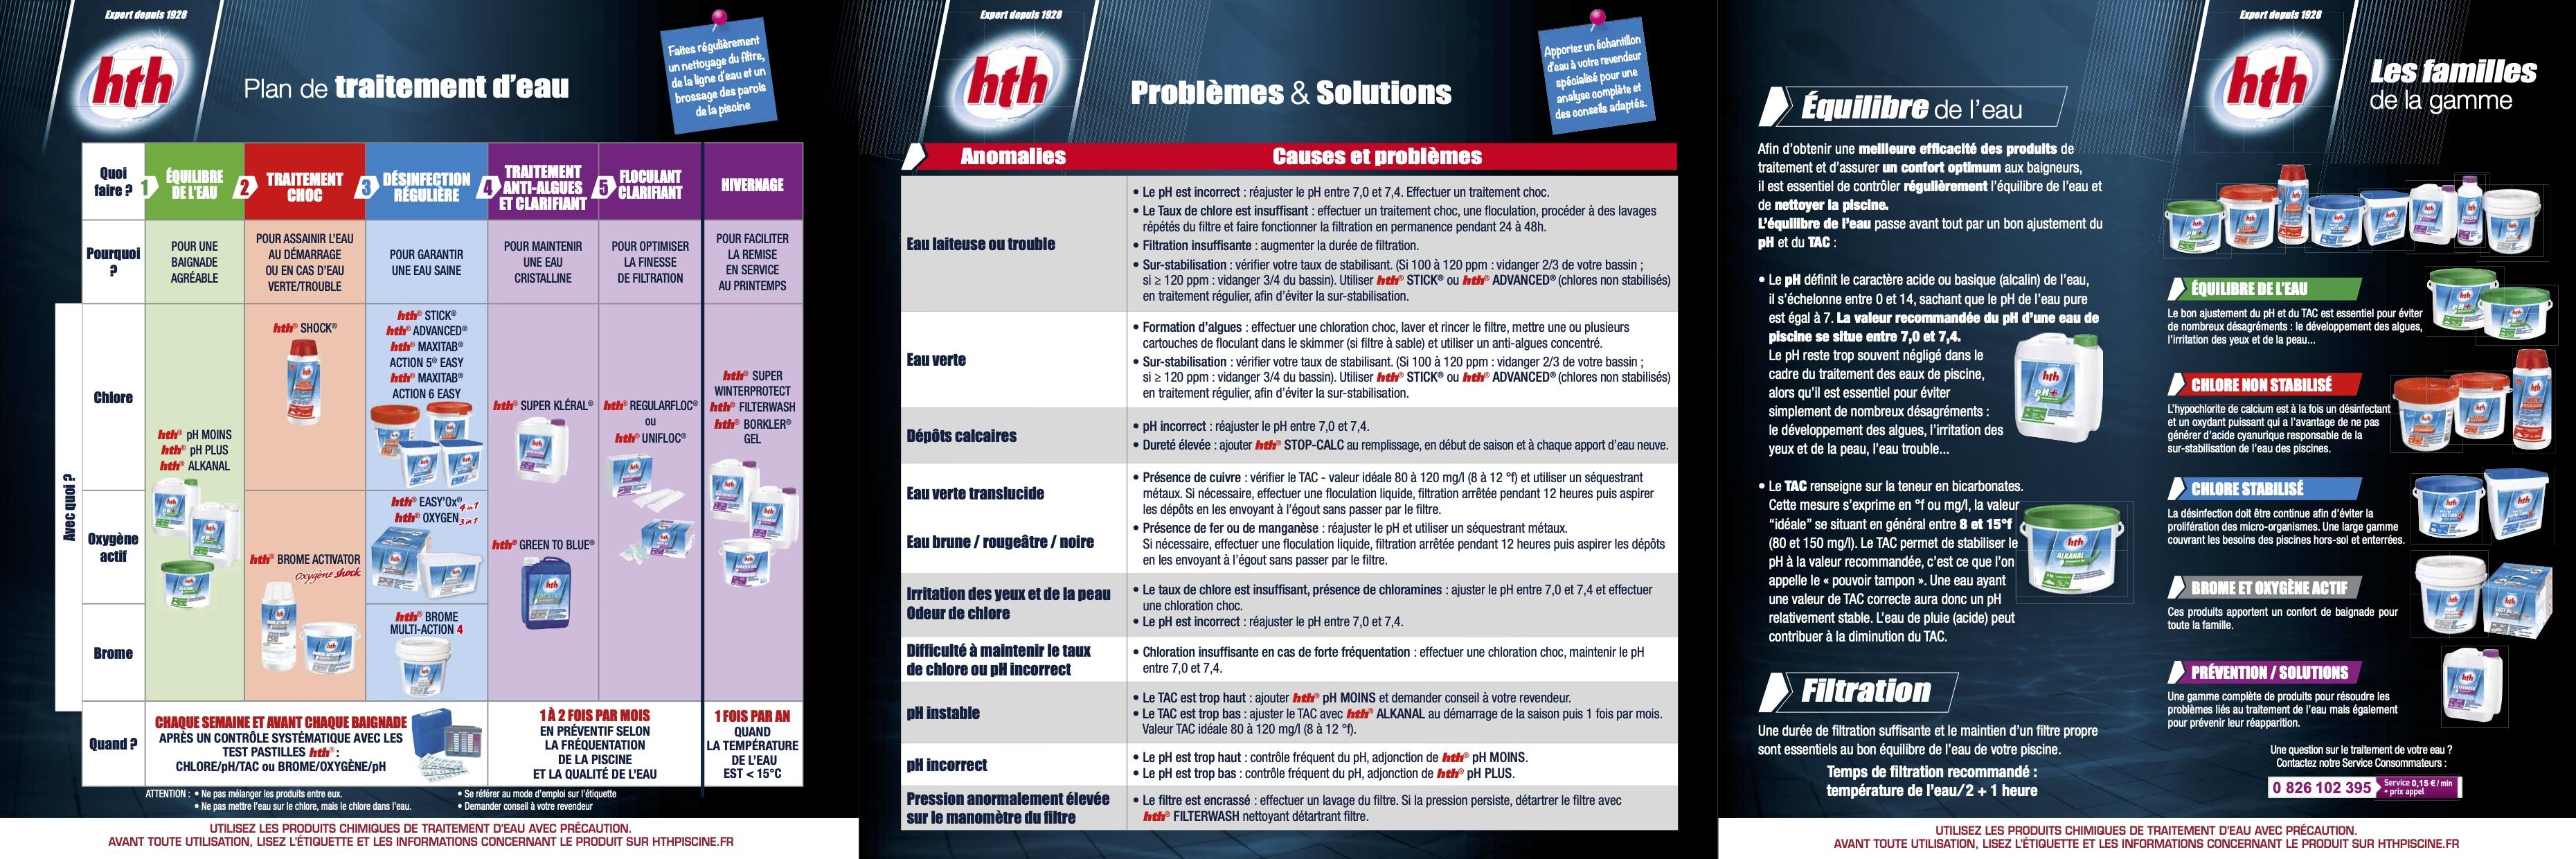 hth-guide-traitement-de-l-eau-des-piscines-_pdf-tuya.jpg